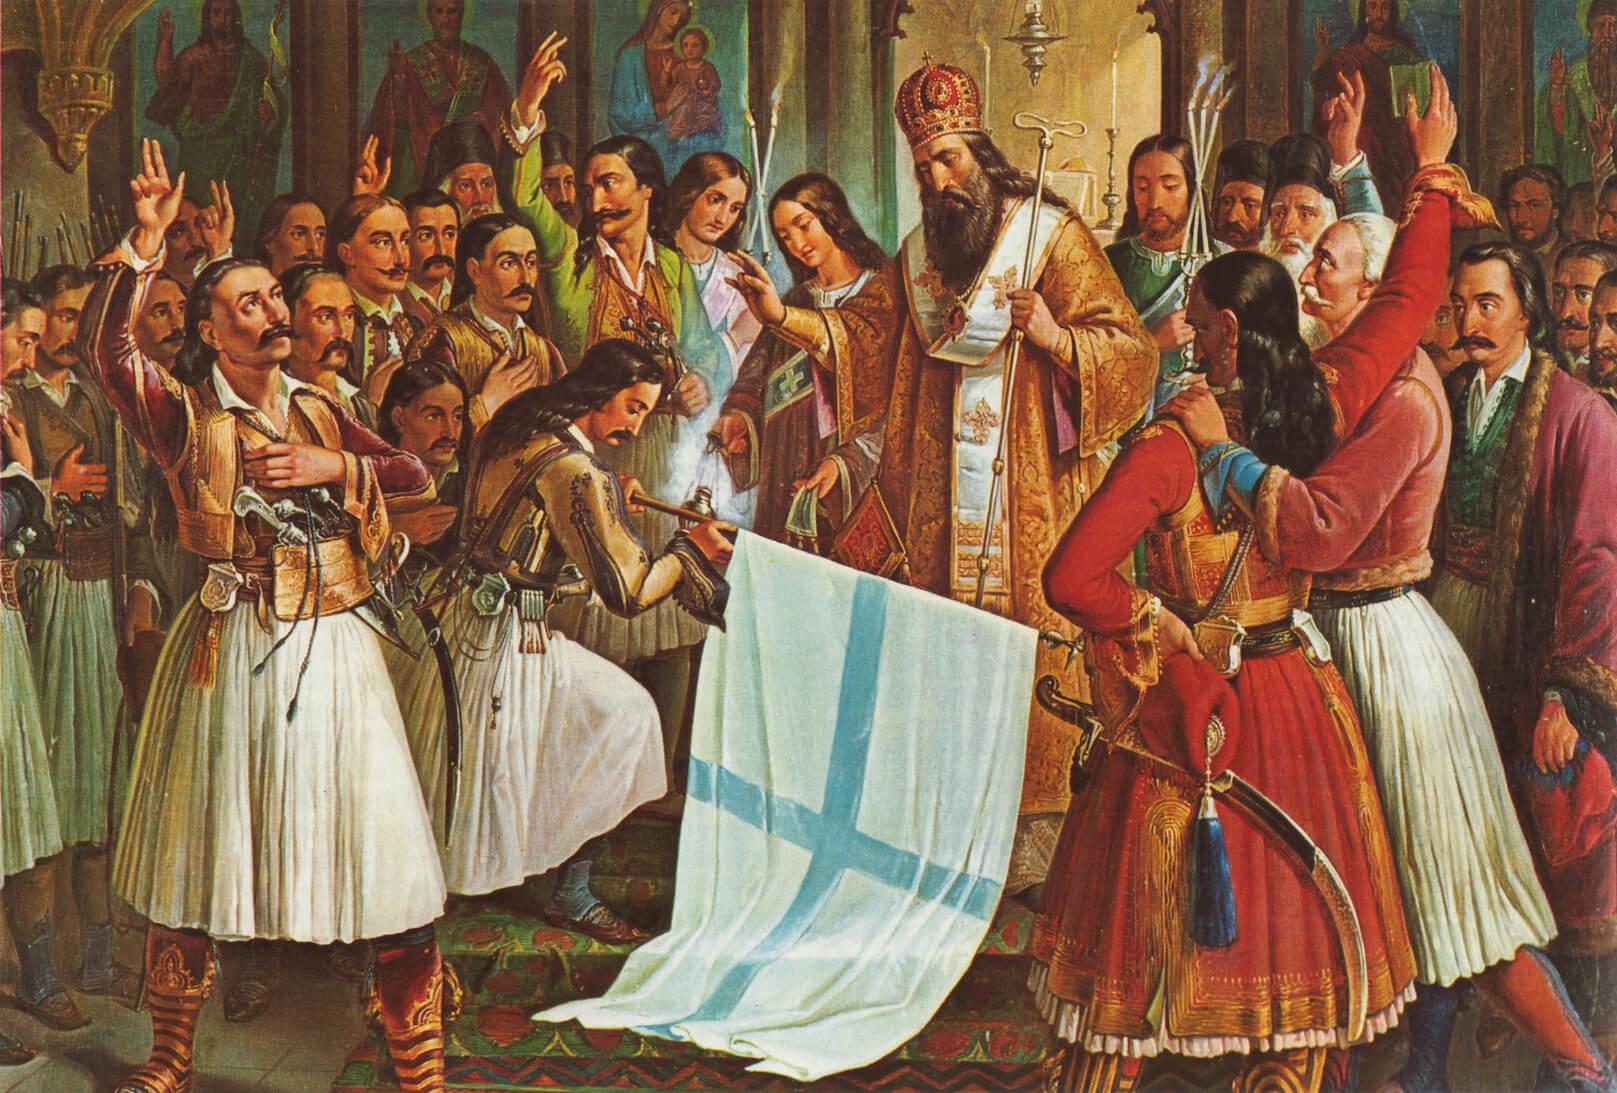 Μαρτυρίες πίστεως αγωνιστών του 1821